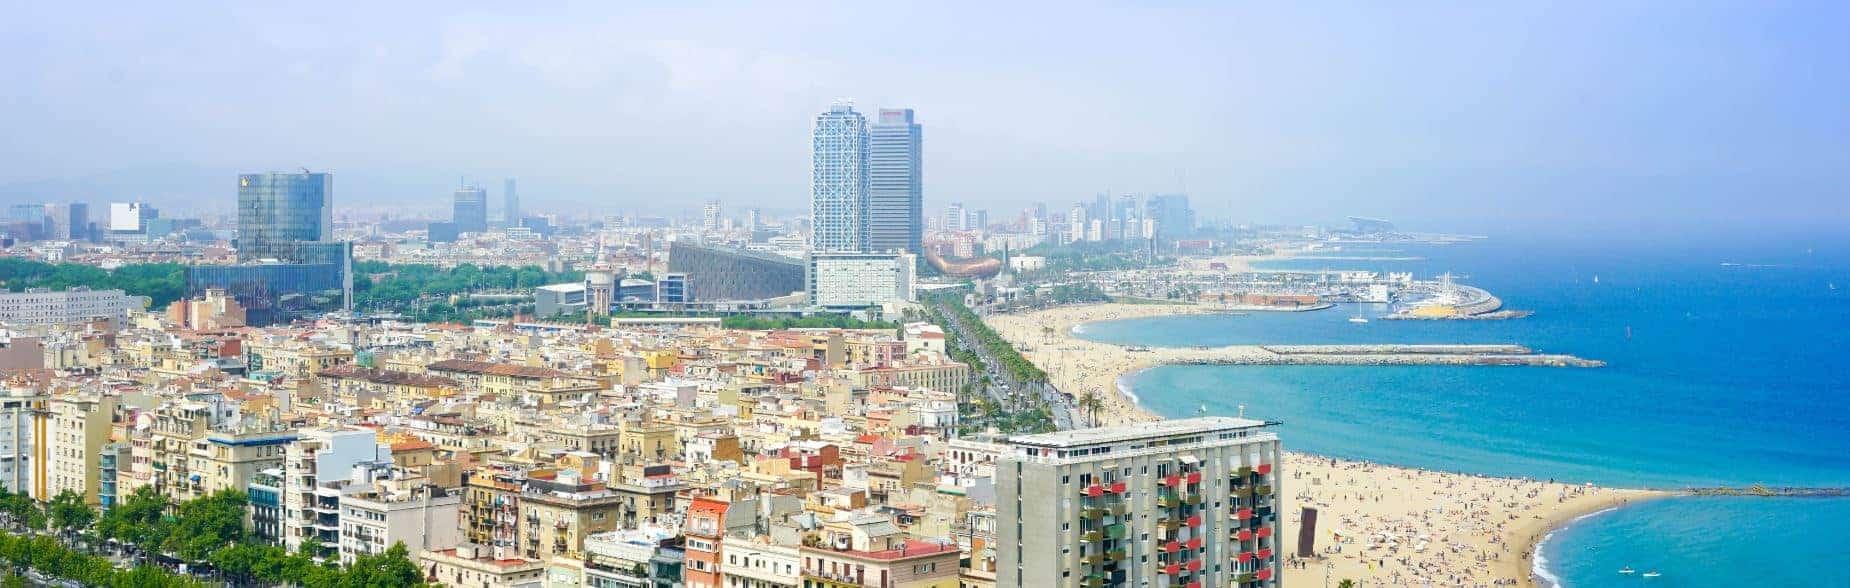 Liste Übersicht Ankäufer Gebäude Spanien